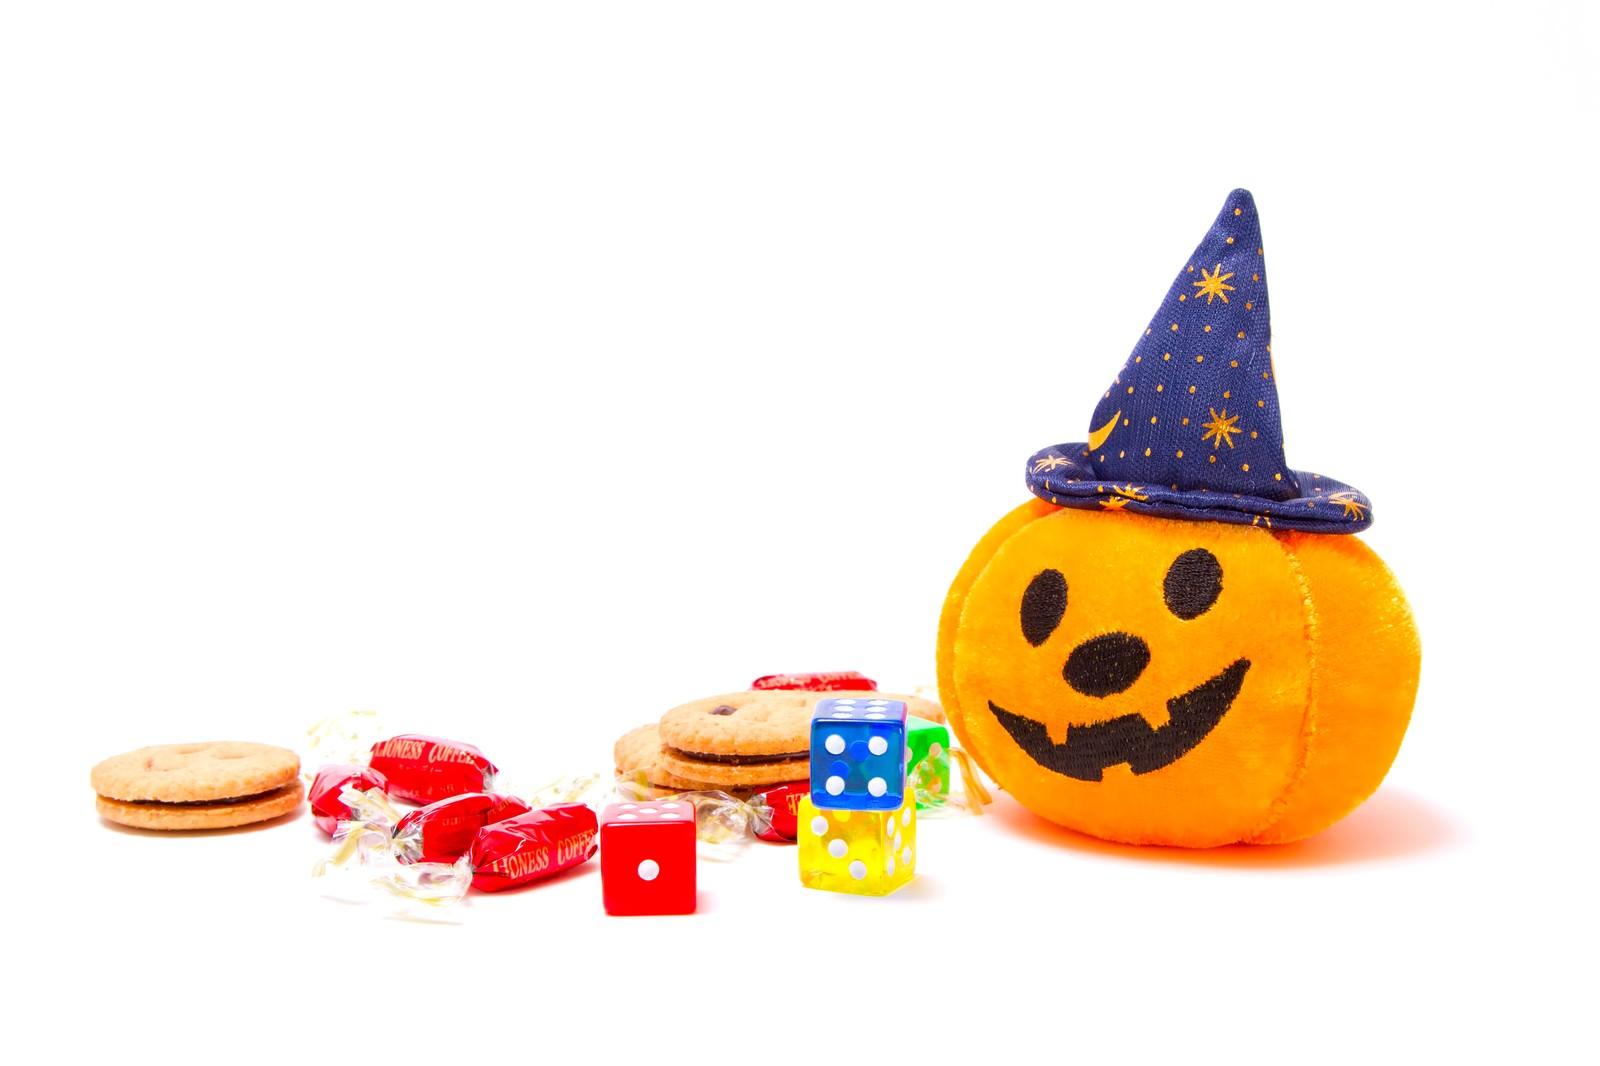 「ゆる顔のハロウィンかぼちゃとお菓子」の写真